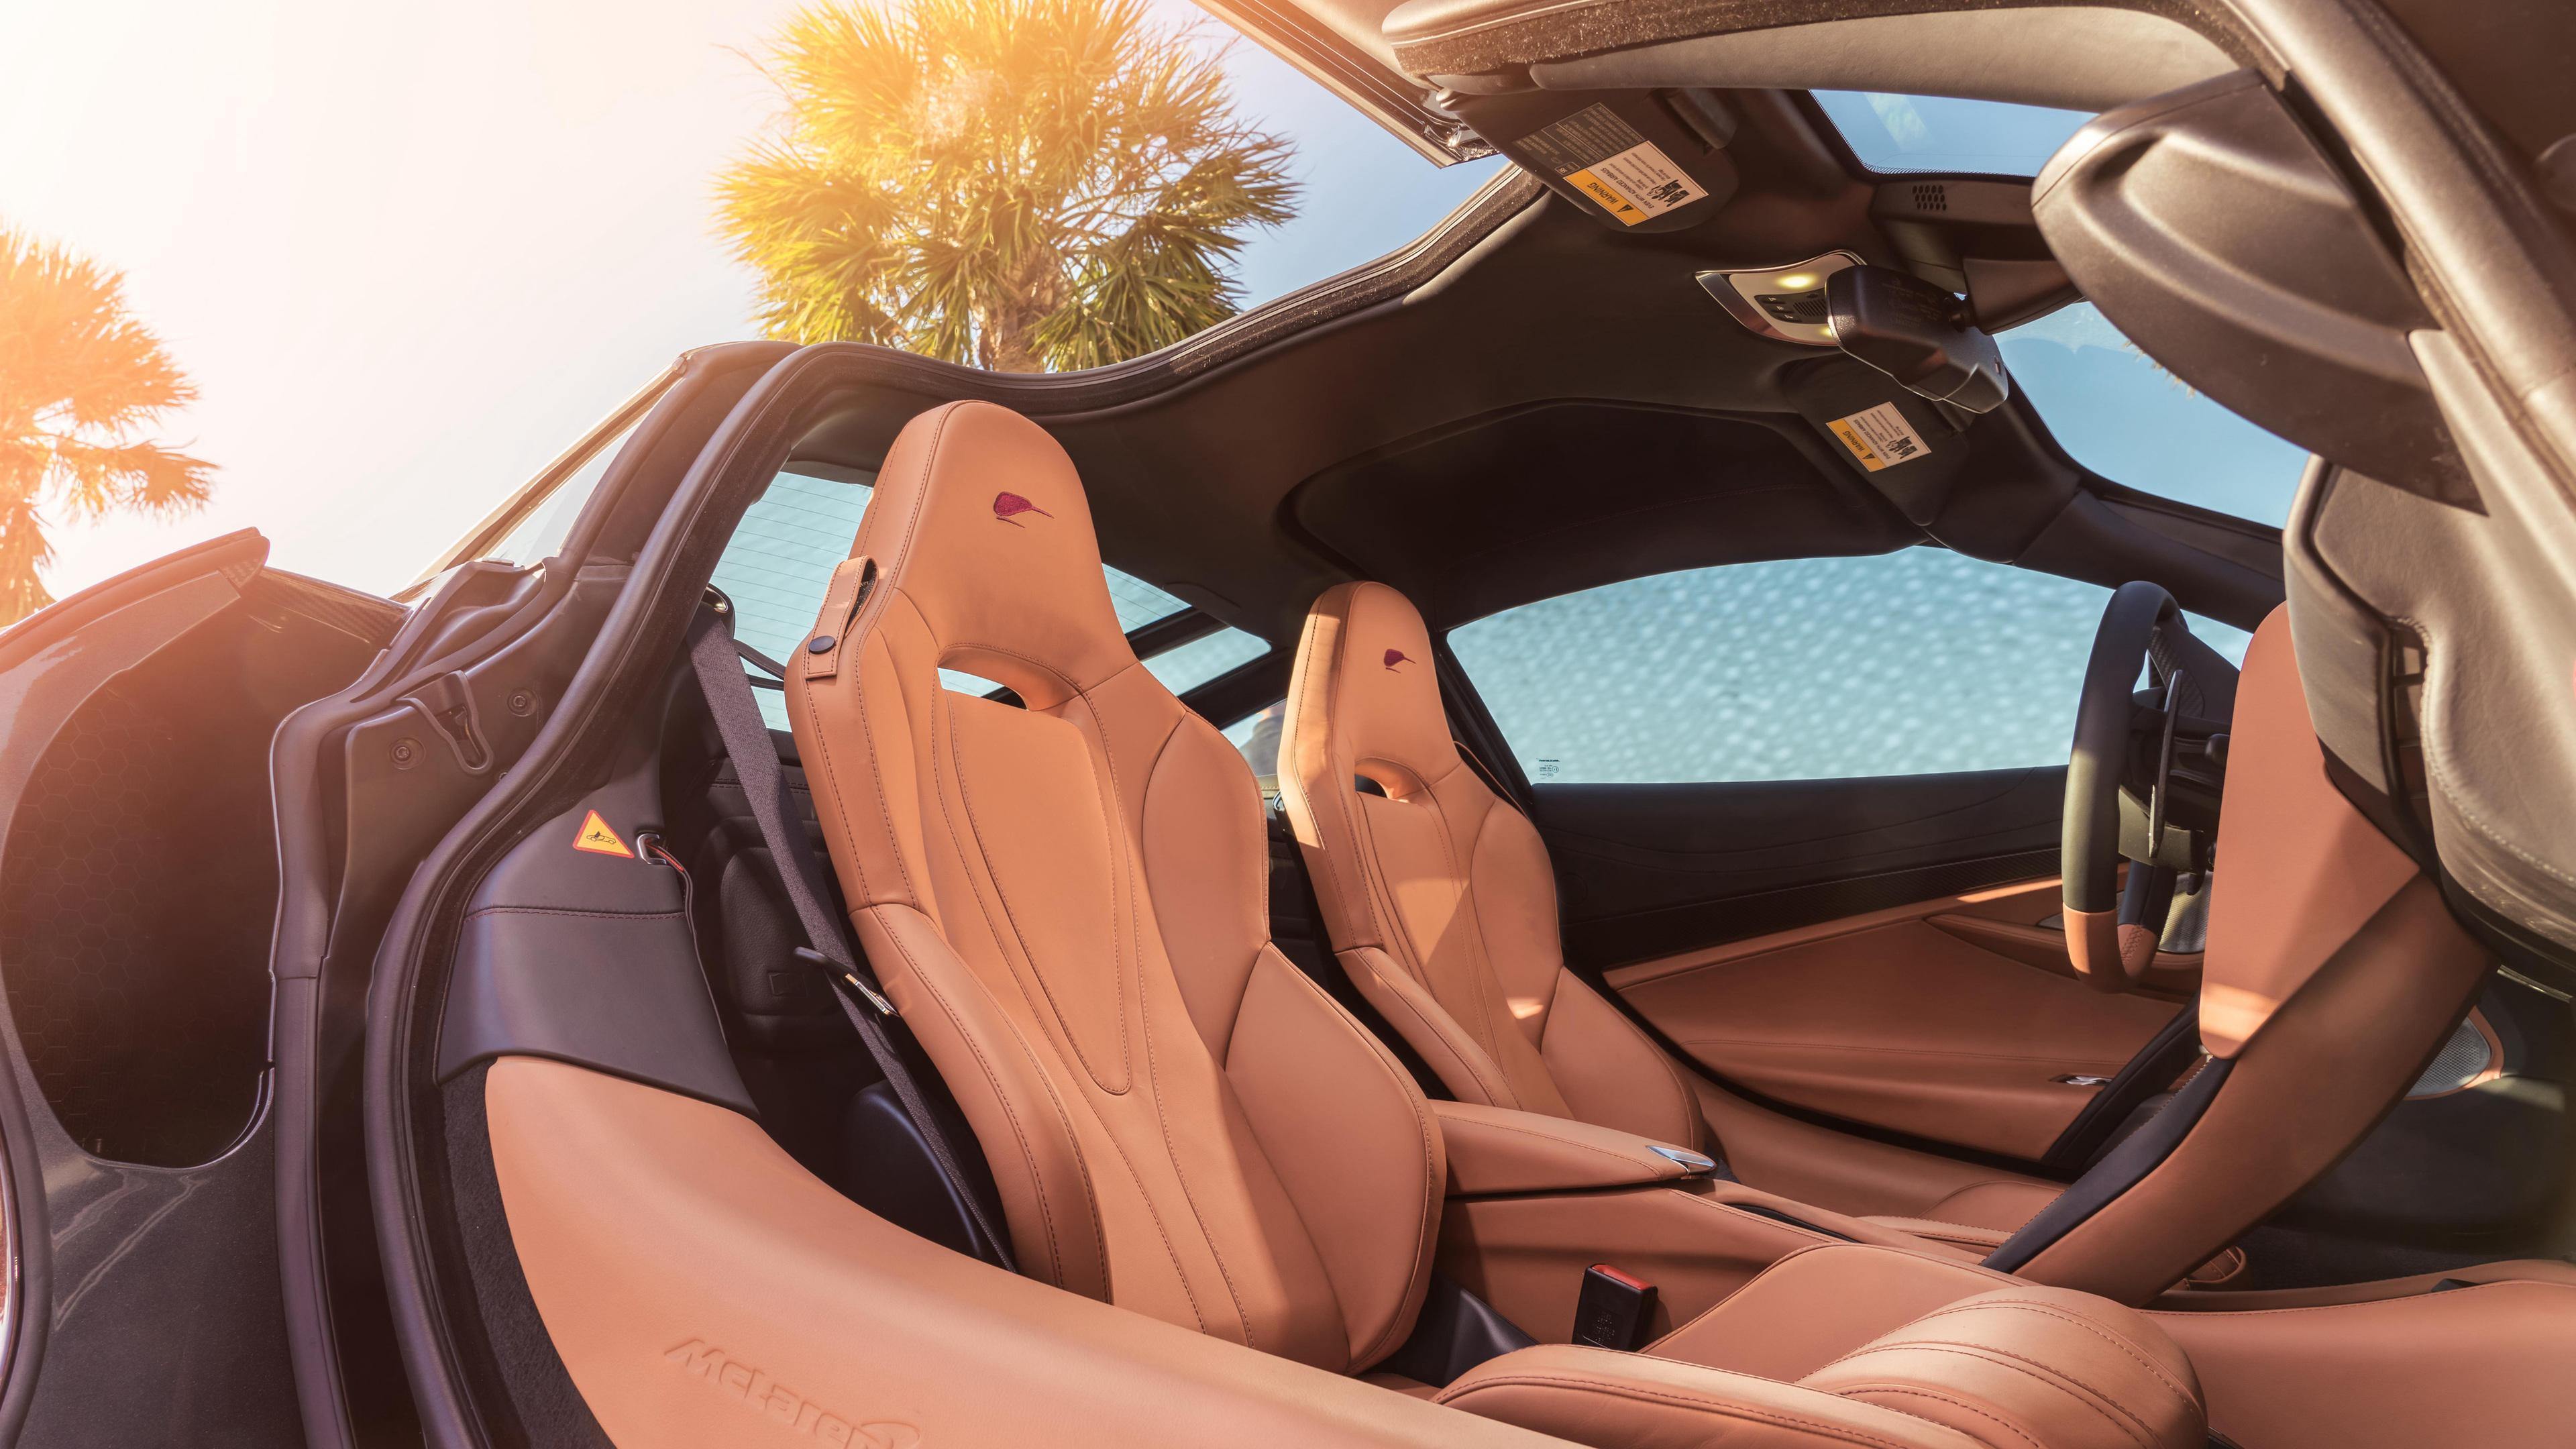 2018 mclaren mso 720s coupe interior 1539109297 - 2018 McLaren MSO 720S Coupe Interior - mclaren wallpapers, mclaren 720s wallpapers, hd-wallpapers, cars wallpapers, 4k-wallpapers, 2018 cars wallpapers